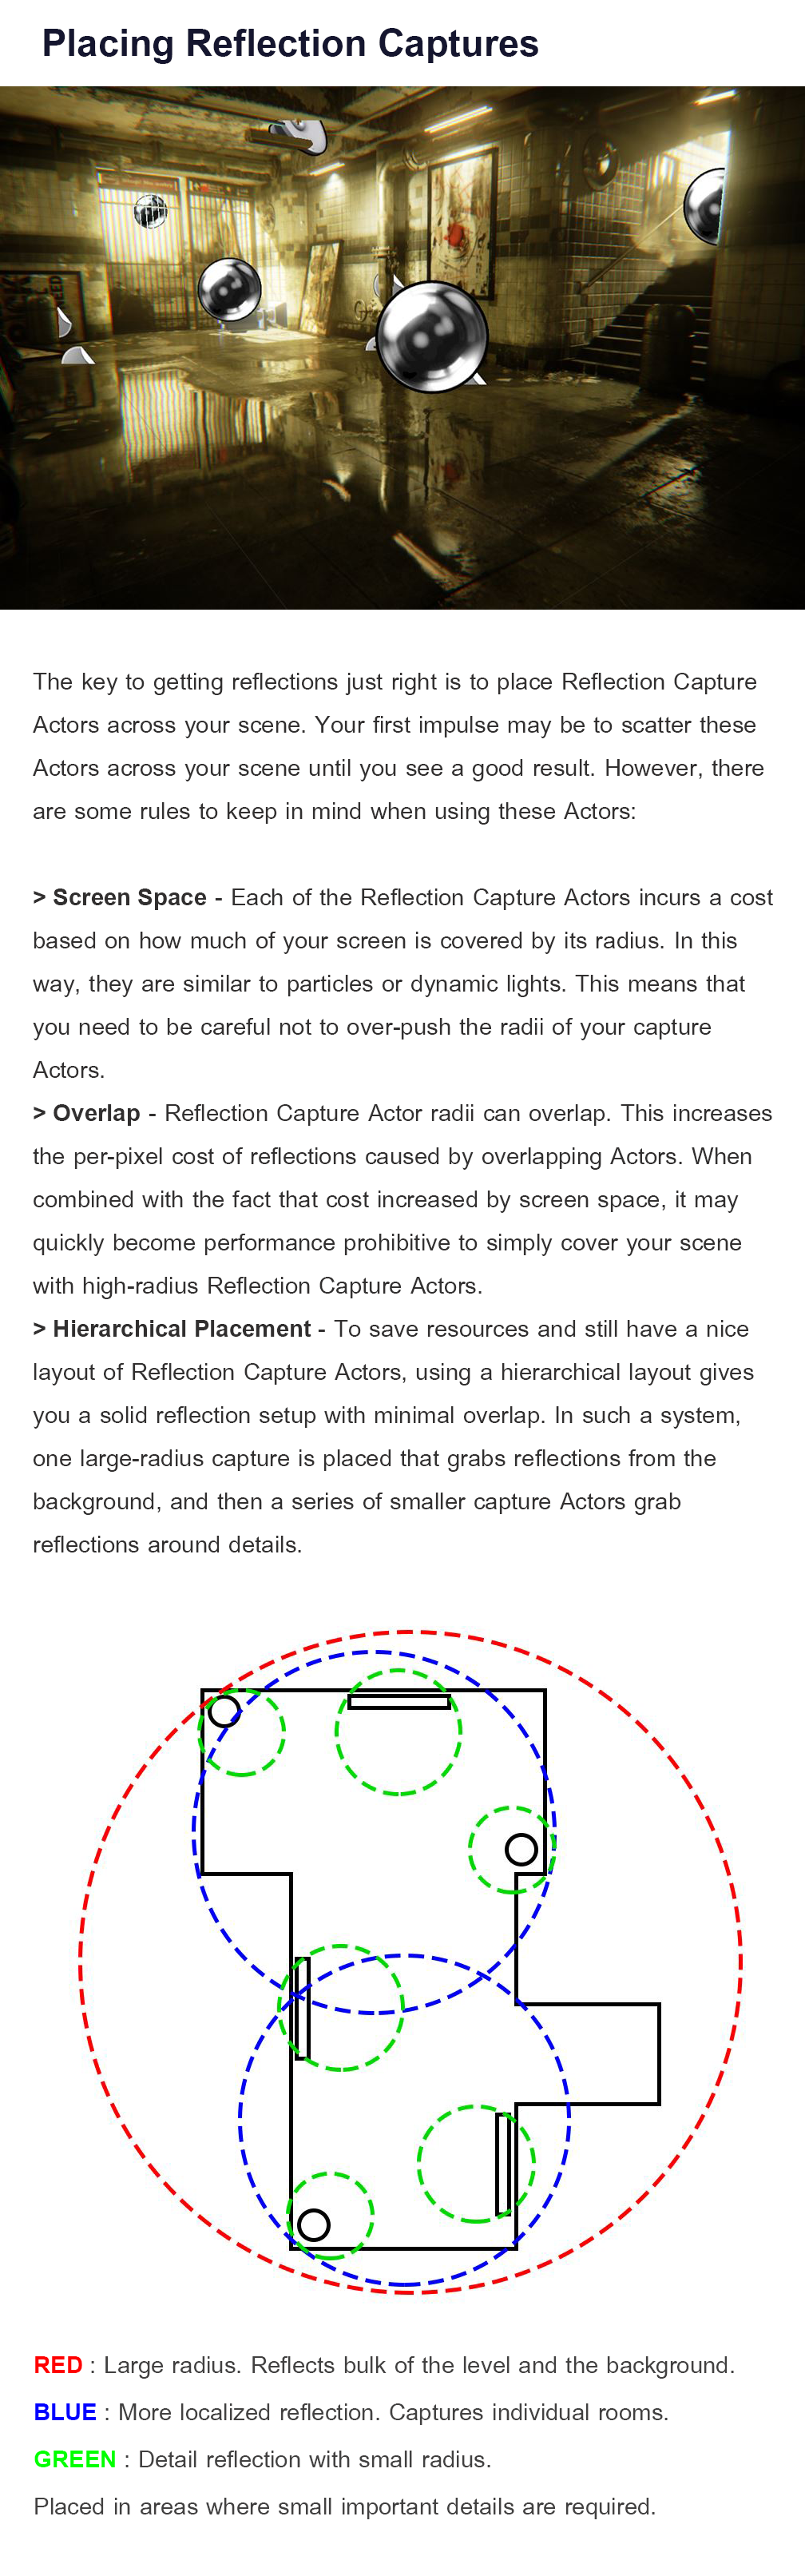 UE4, Placing Reflection Captures, Reflection Capture Actors